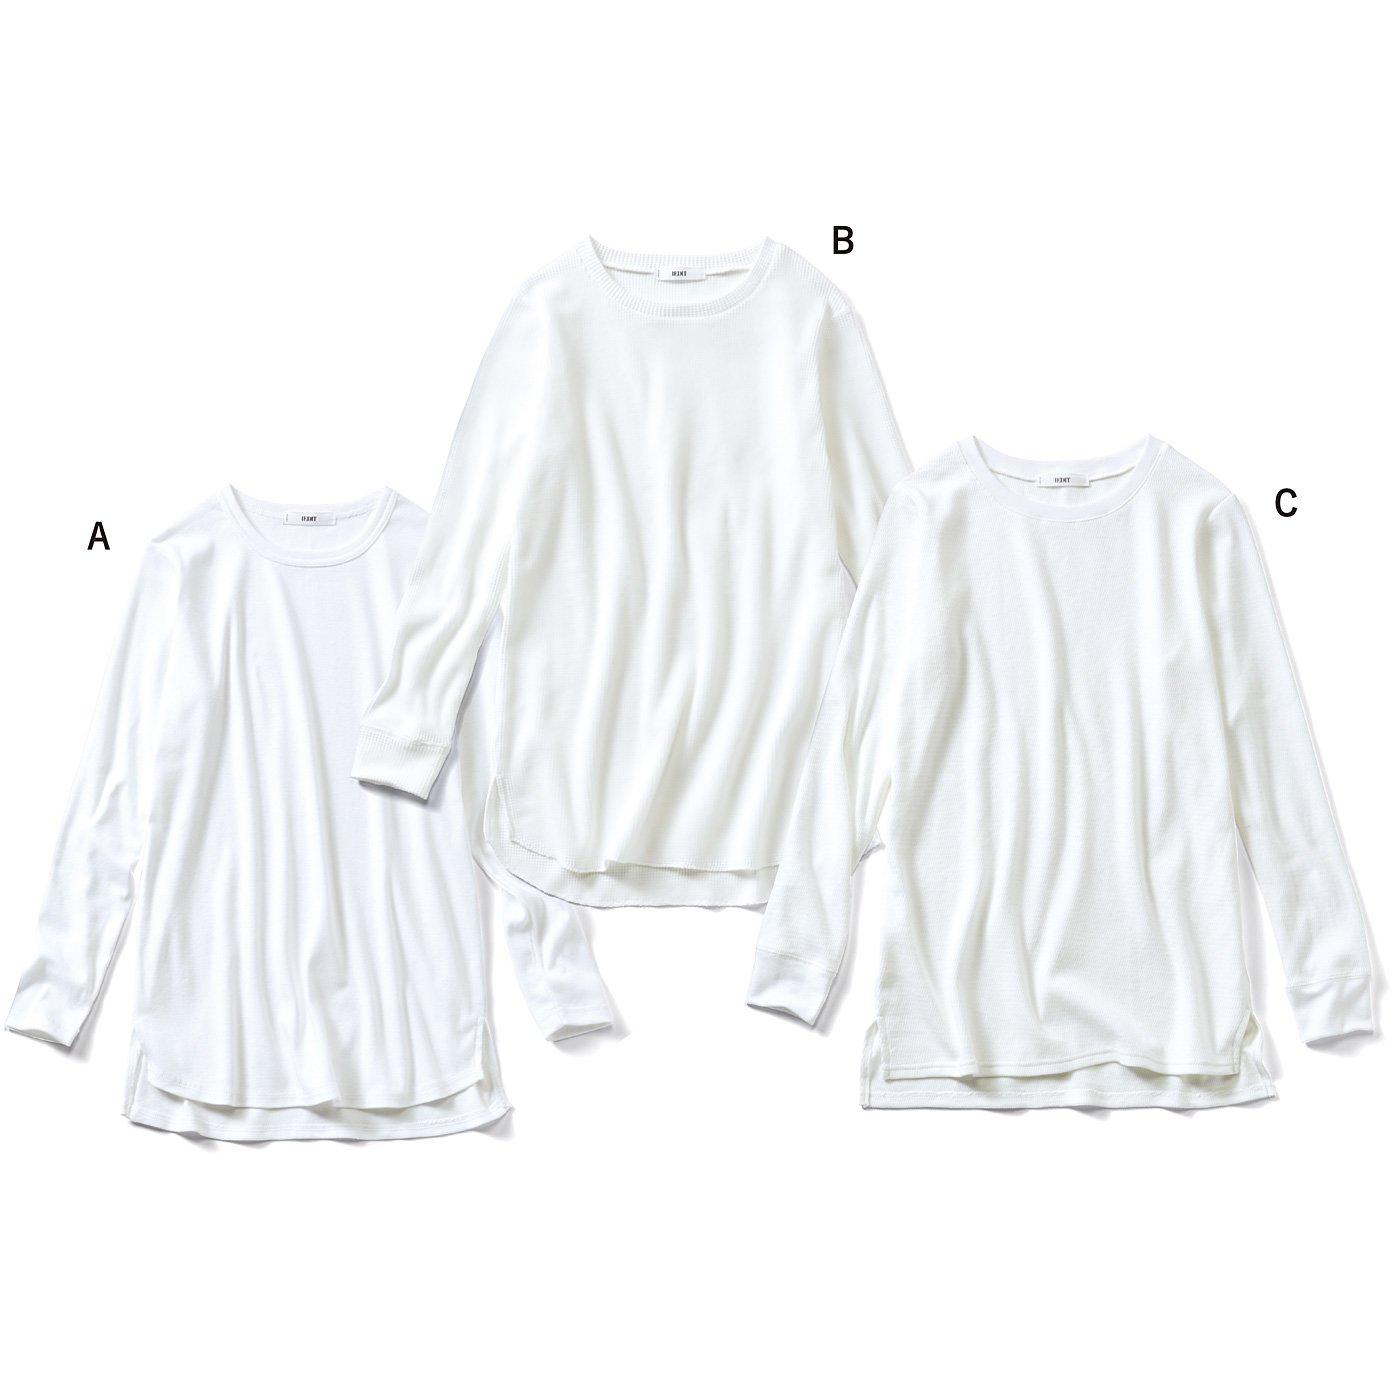 IEDIT[イディット] 着こなし自在 こなれホワイトコットンTシャツの会(3回エントリー)